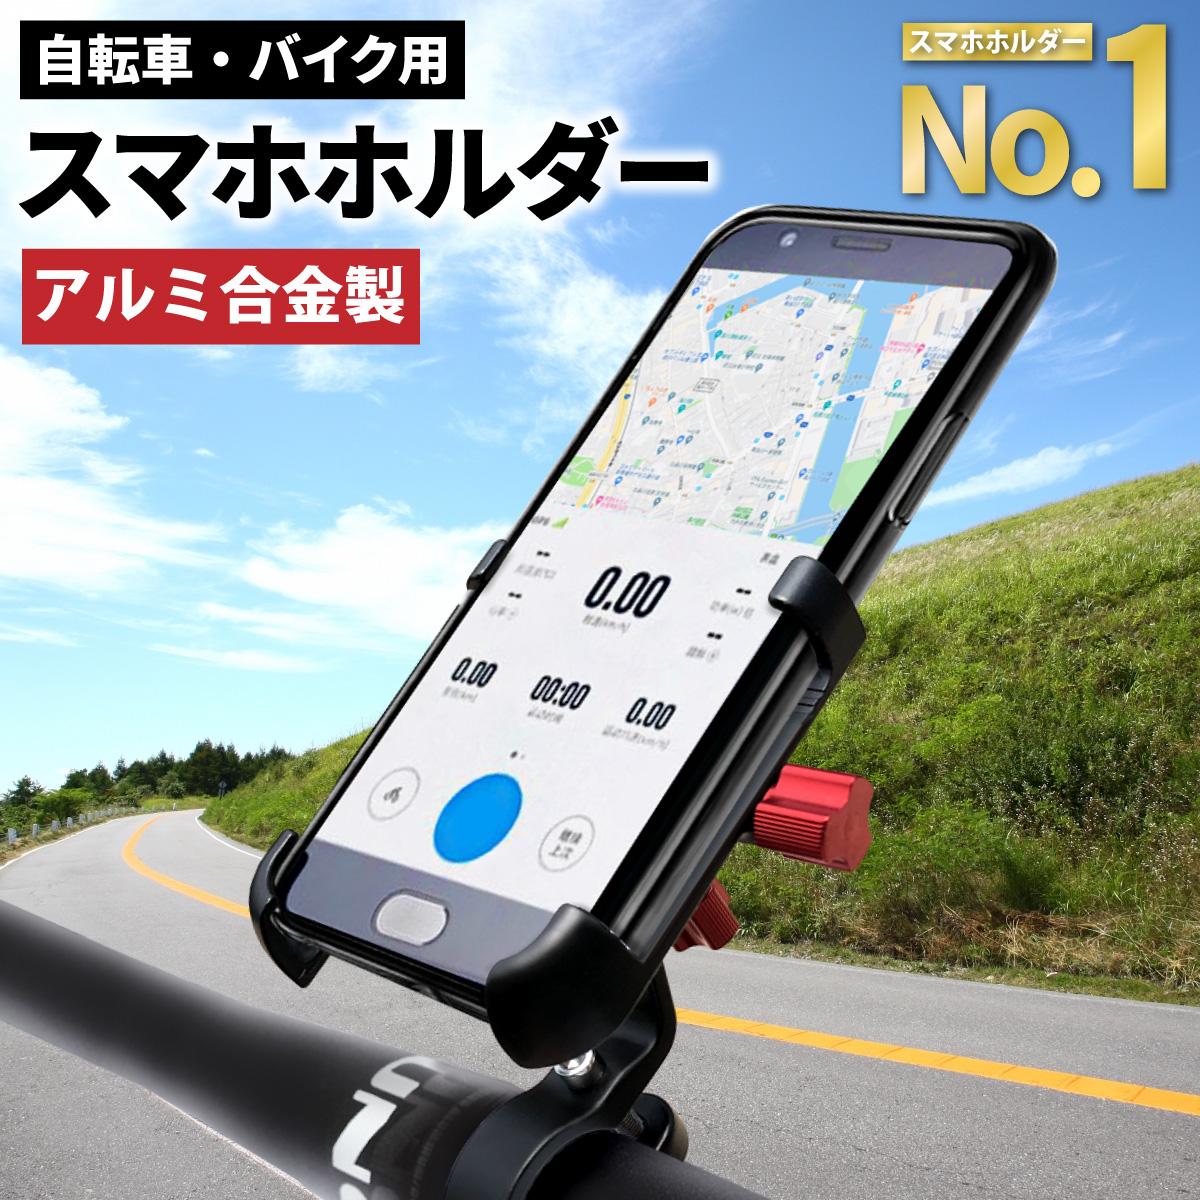 \圧倒的高評価4.63 ホールド力が違う 1位 新商品!新型 アルミ金属製 スマホホルダー スマホスタンド 自転車 バイク 縦横360度回転 頑丈 固定 iPhone スマートフォン 自転車ホルダー iPhoneX SE 黒 バイクホルダー 最安値に挑戦 Pro iPhone11 iPhone8 送料無料 iPhoneXs ブラック 自転車用 バイク用 ロードバイク